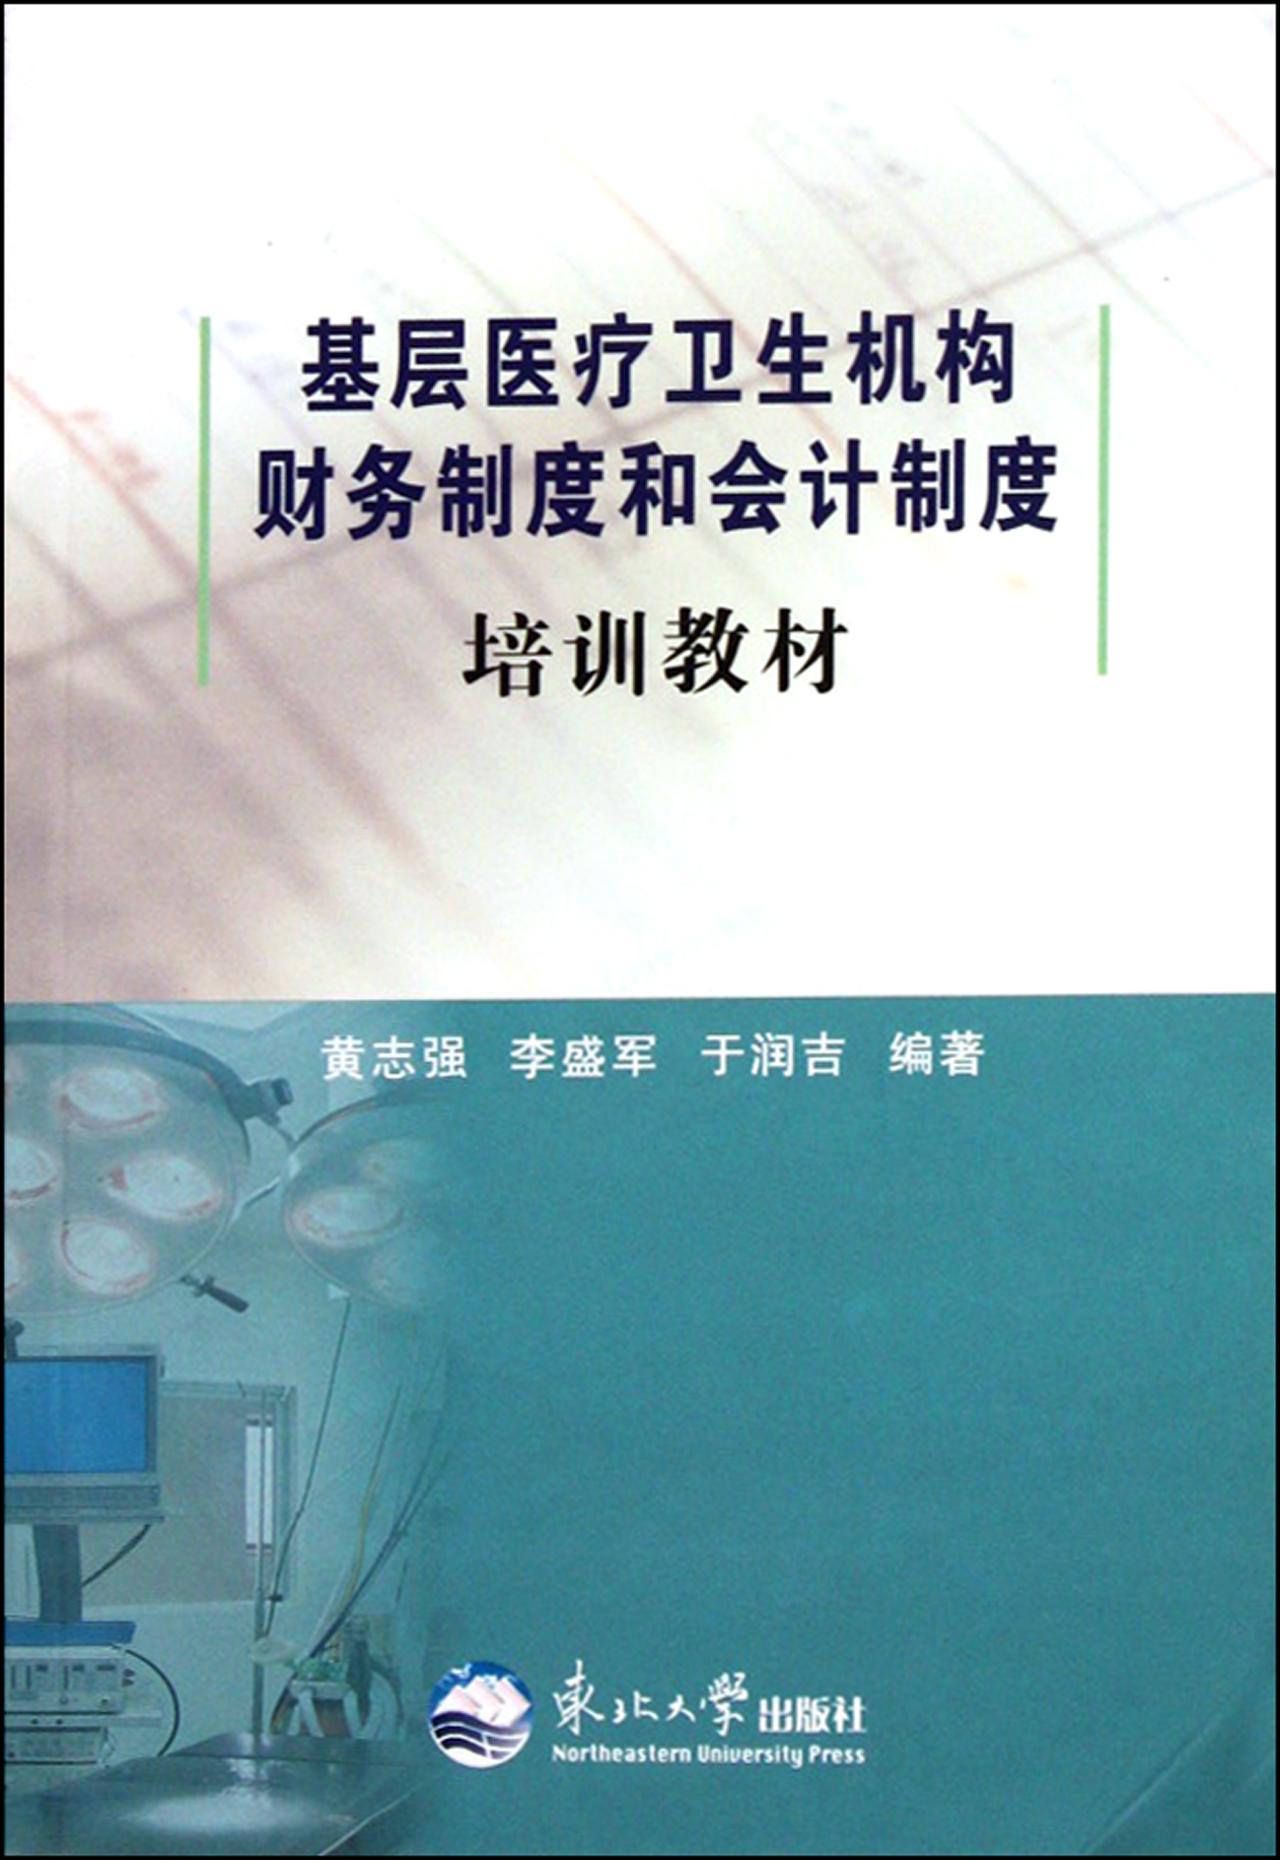 基层医疗卫生机构财务制度和会计制度培训教材